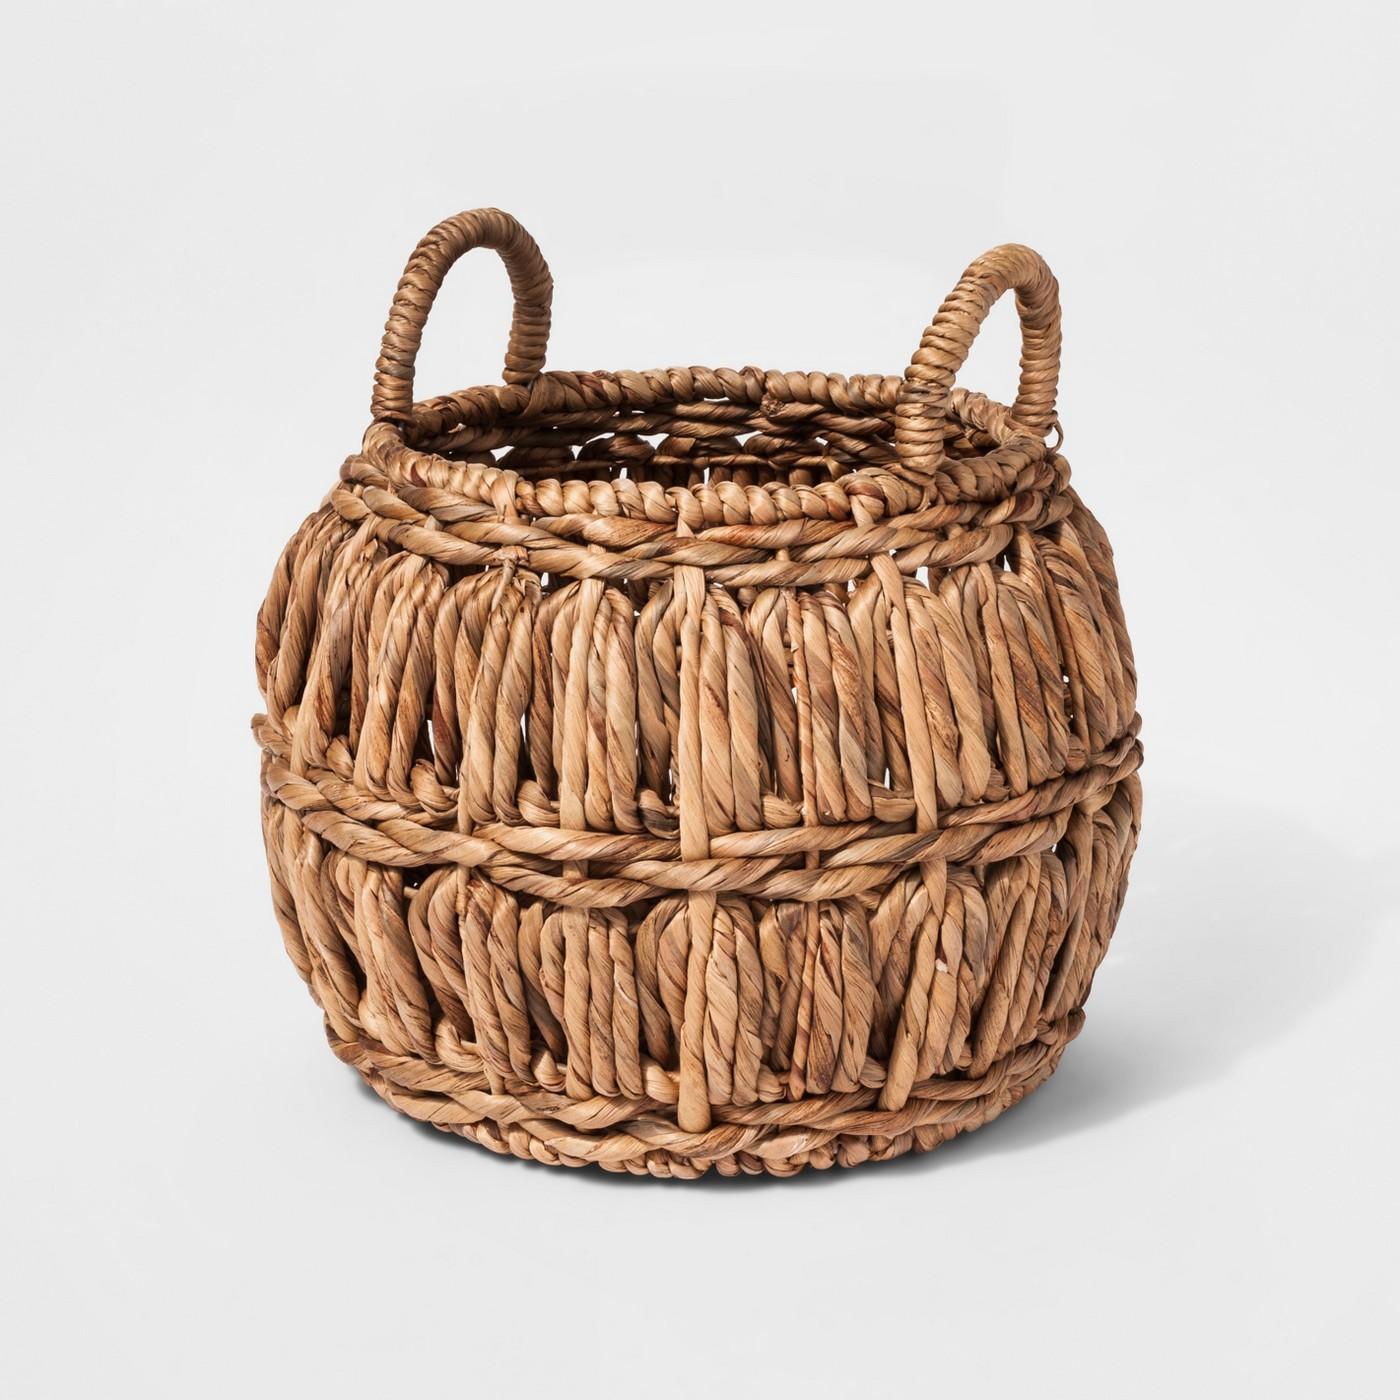 Basket $28